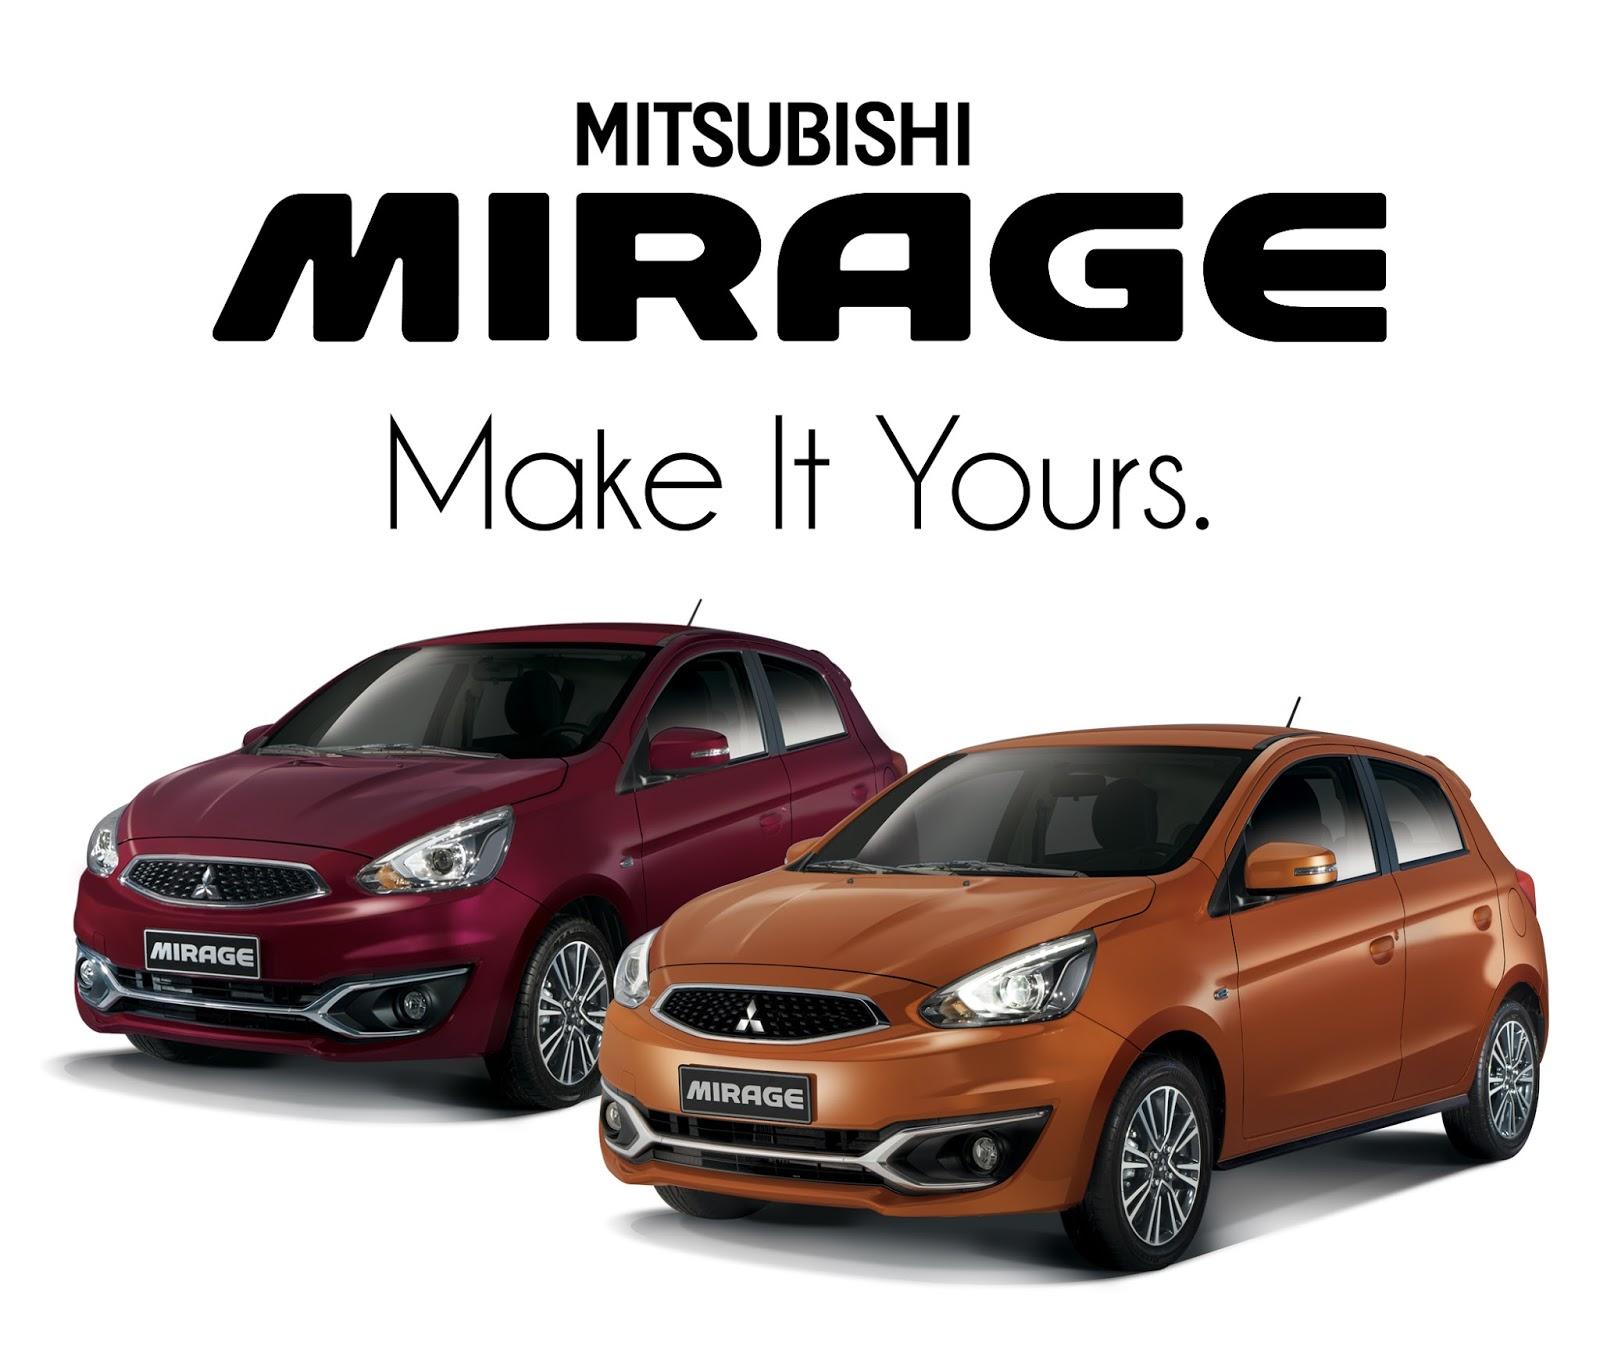 2016 Mitsubishi Mirage